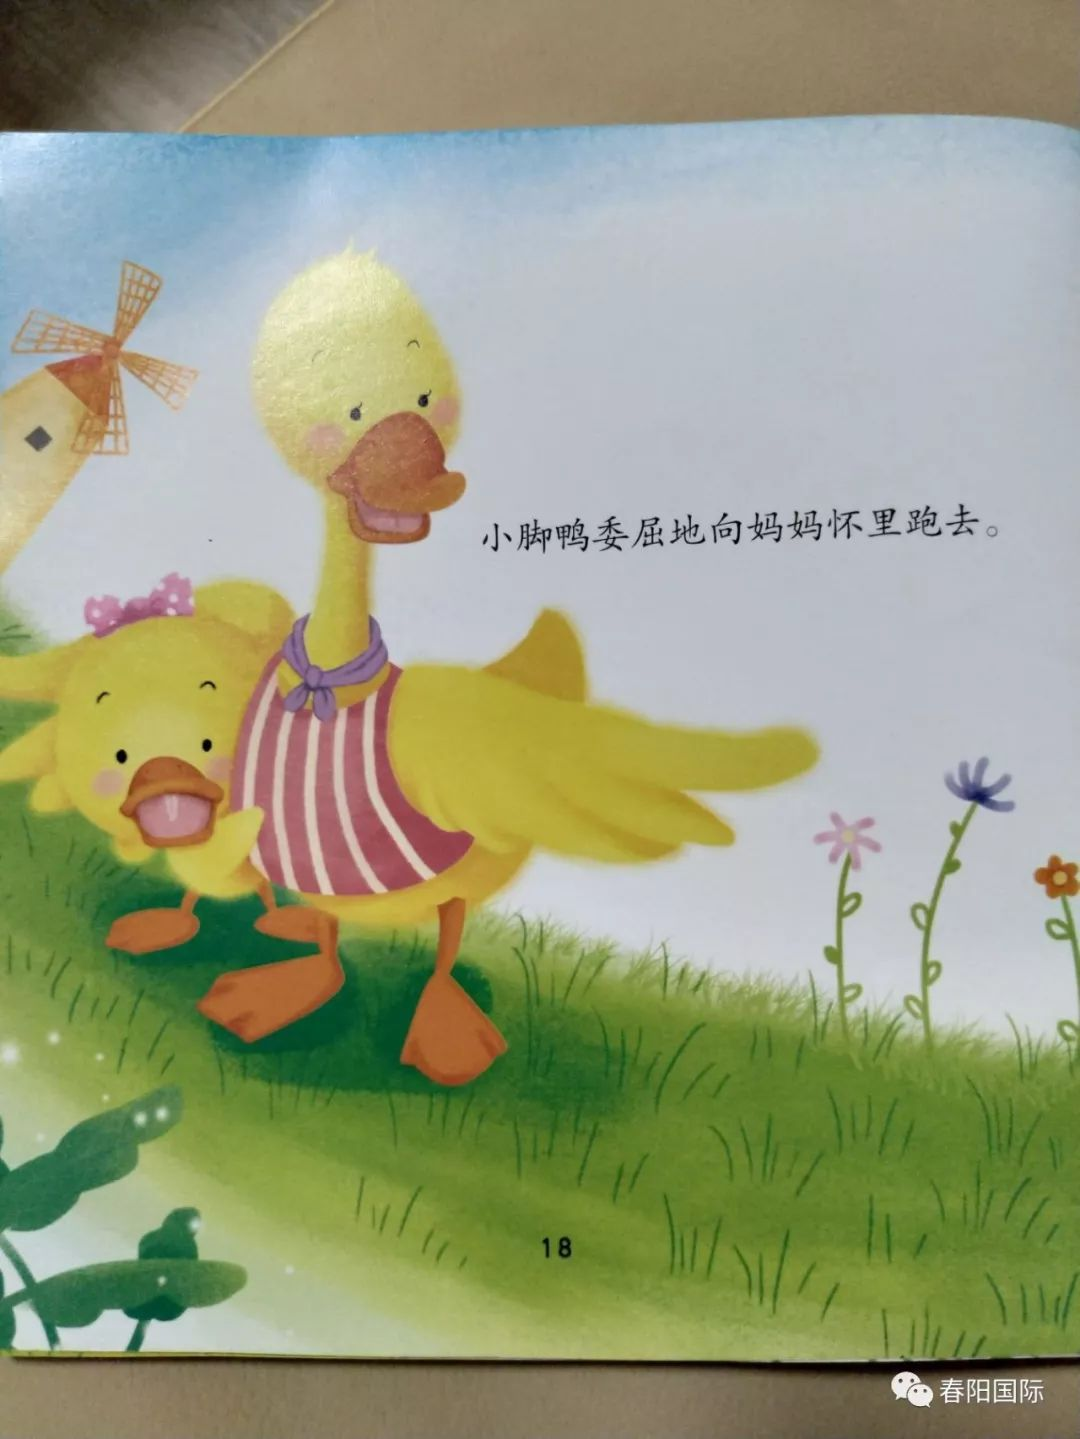 > 小动物的小脚丫有什么不一样_幼儿园综合活动教案:... _360问答